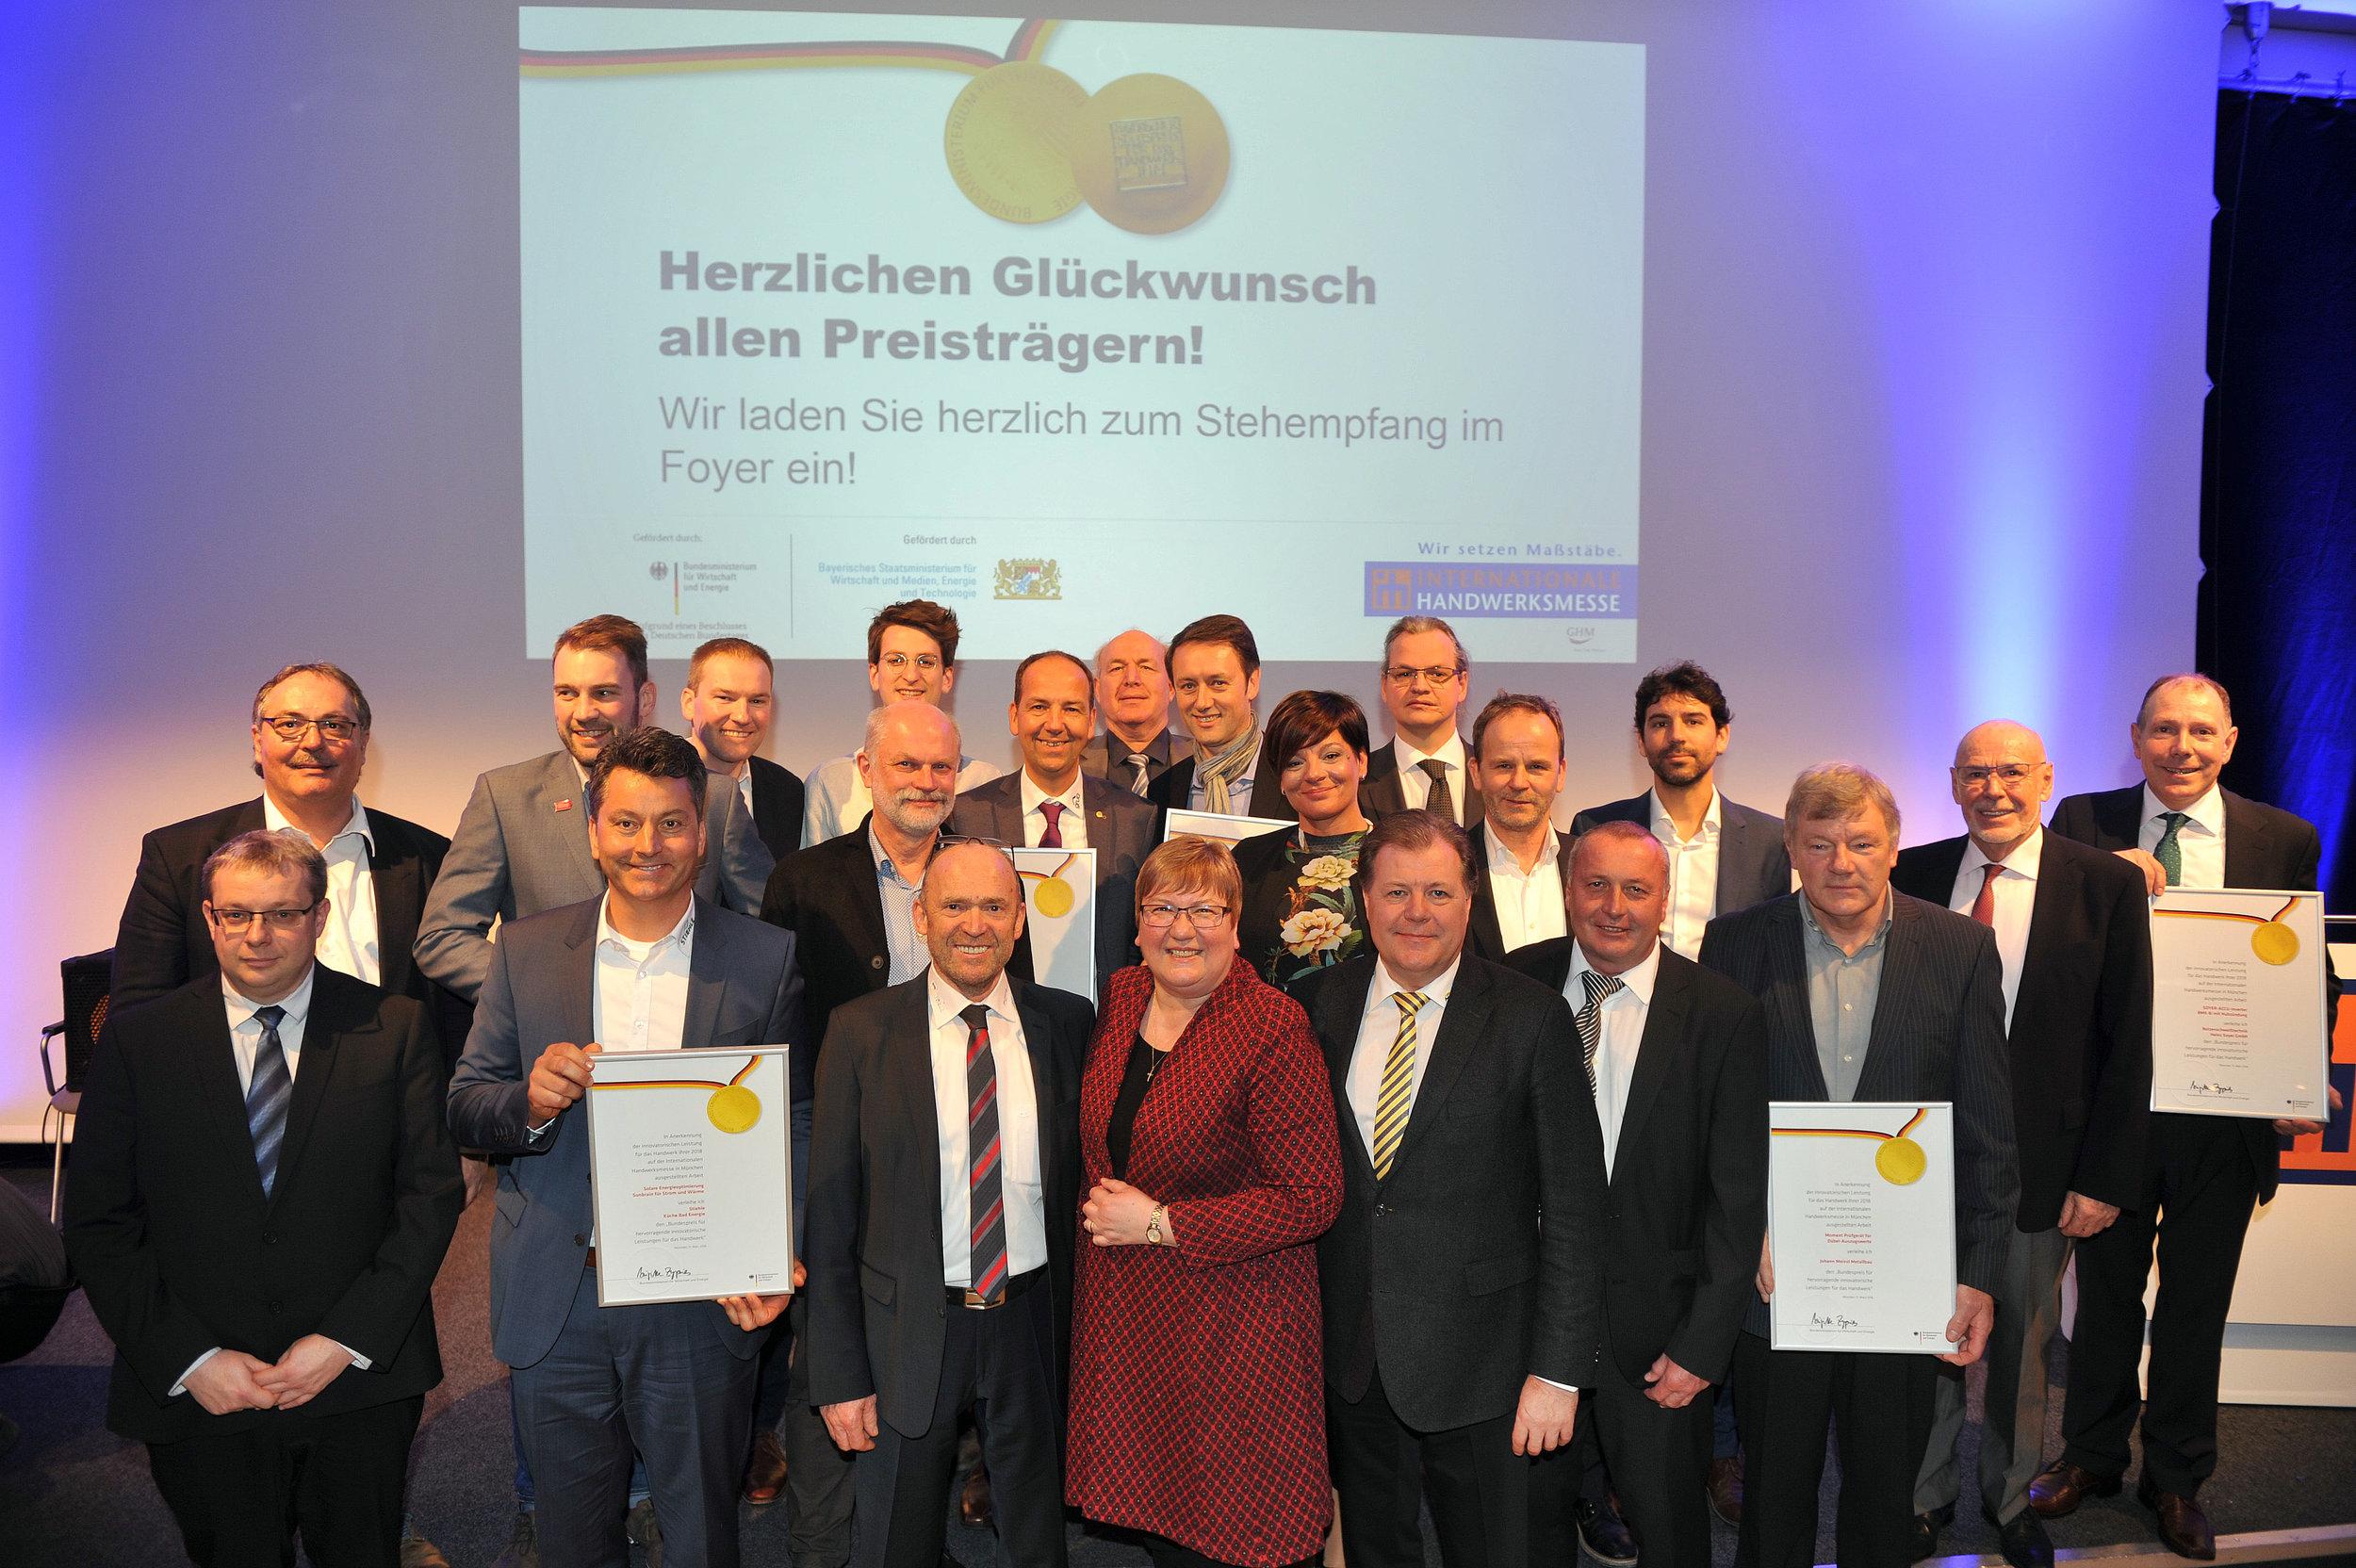 Die Firma Stiehle aus Oberwilzingen wurde mit dem Bundespreis für hervorragende innovatorische Leistungen im Handwerk ausgezeichnet. Den Preis nahmen Günther Schöllhammer, Fritz und Susanne Stiehle sowie Uwe Stacherowski (von links) entgegen.